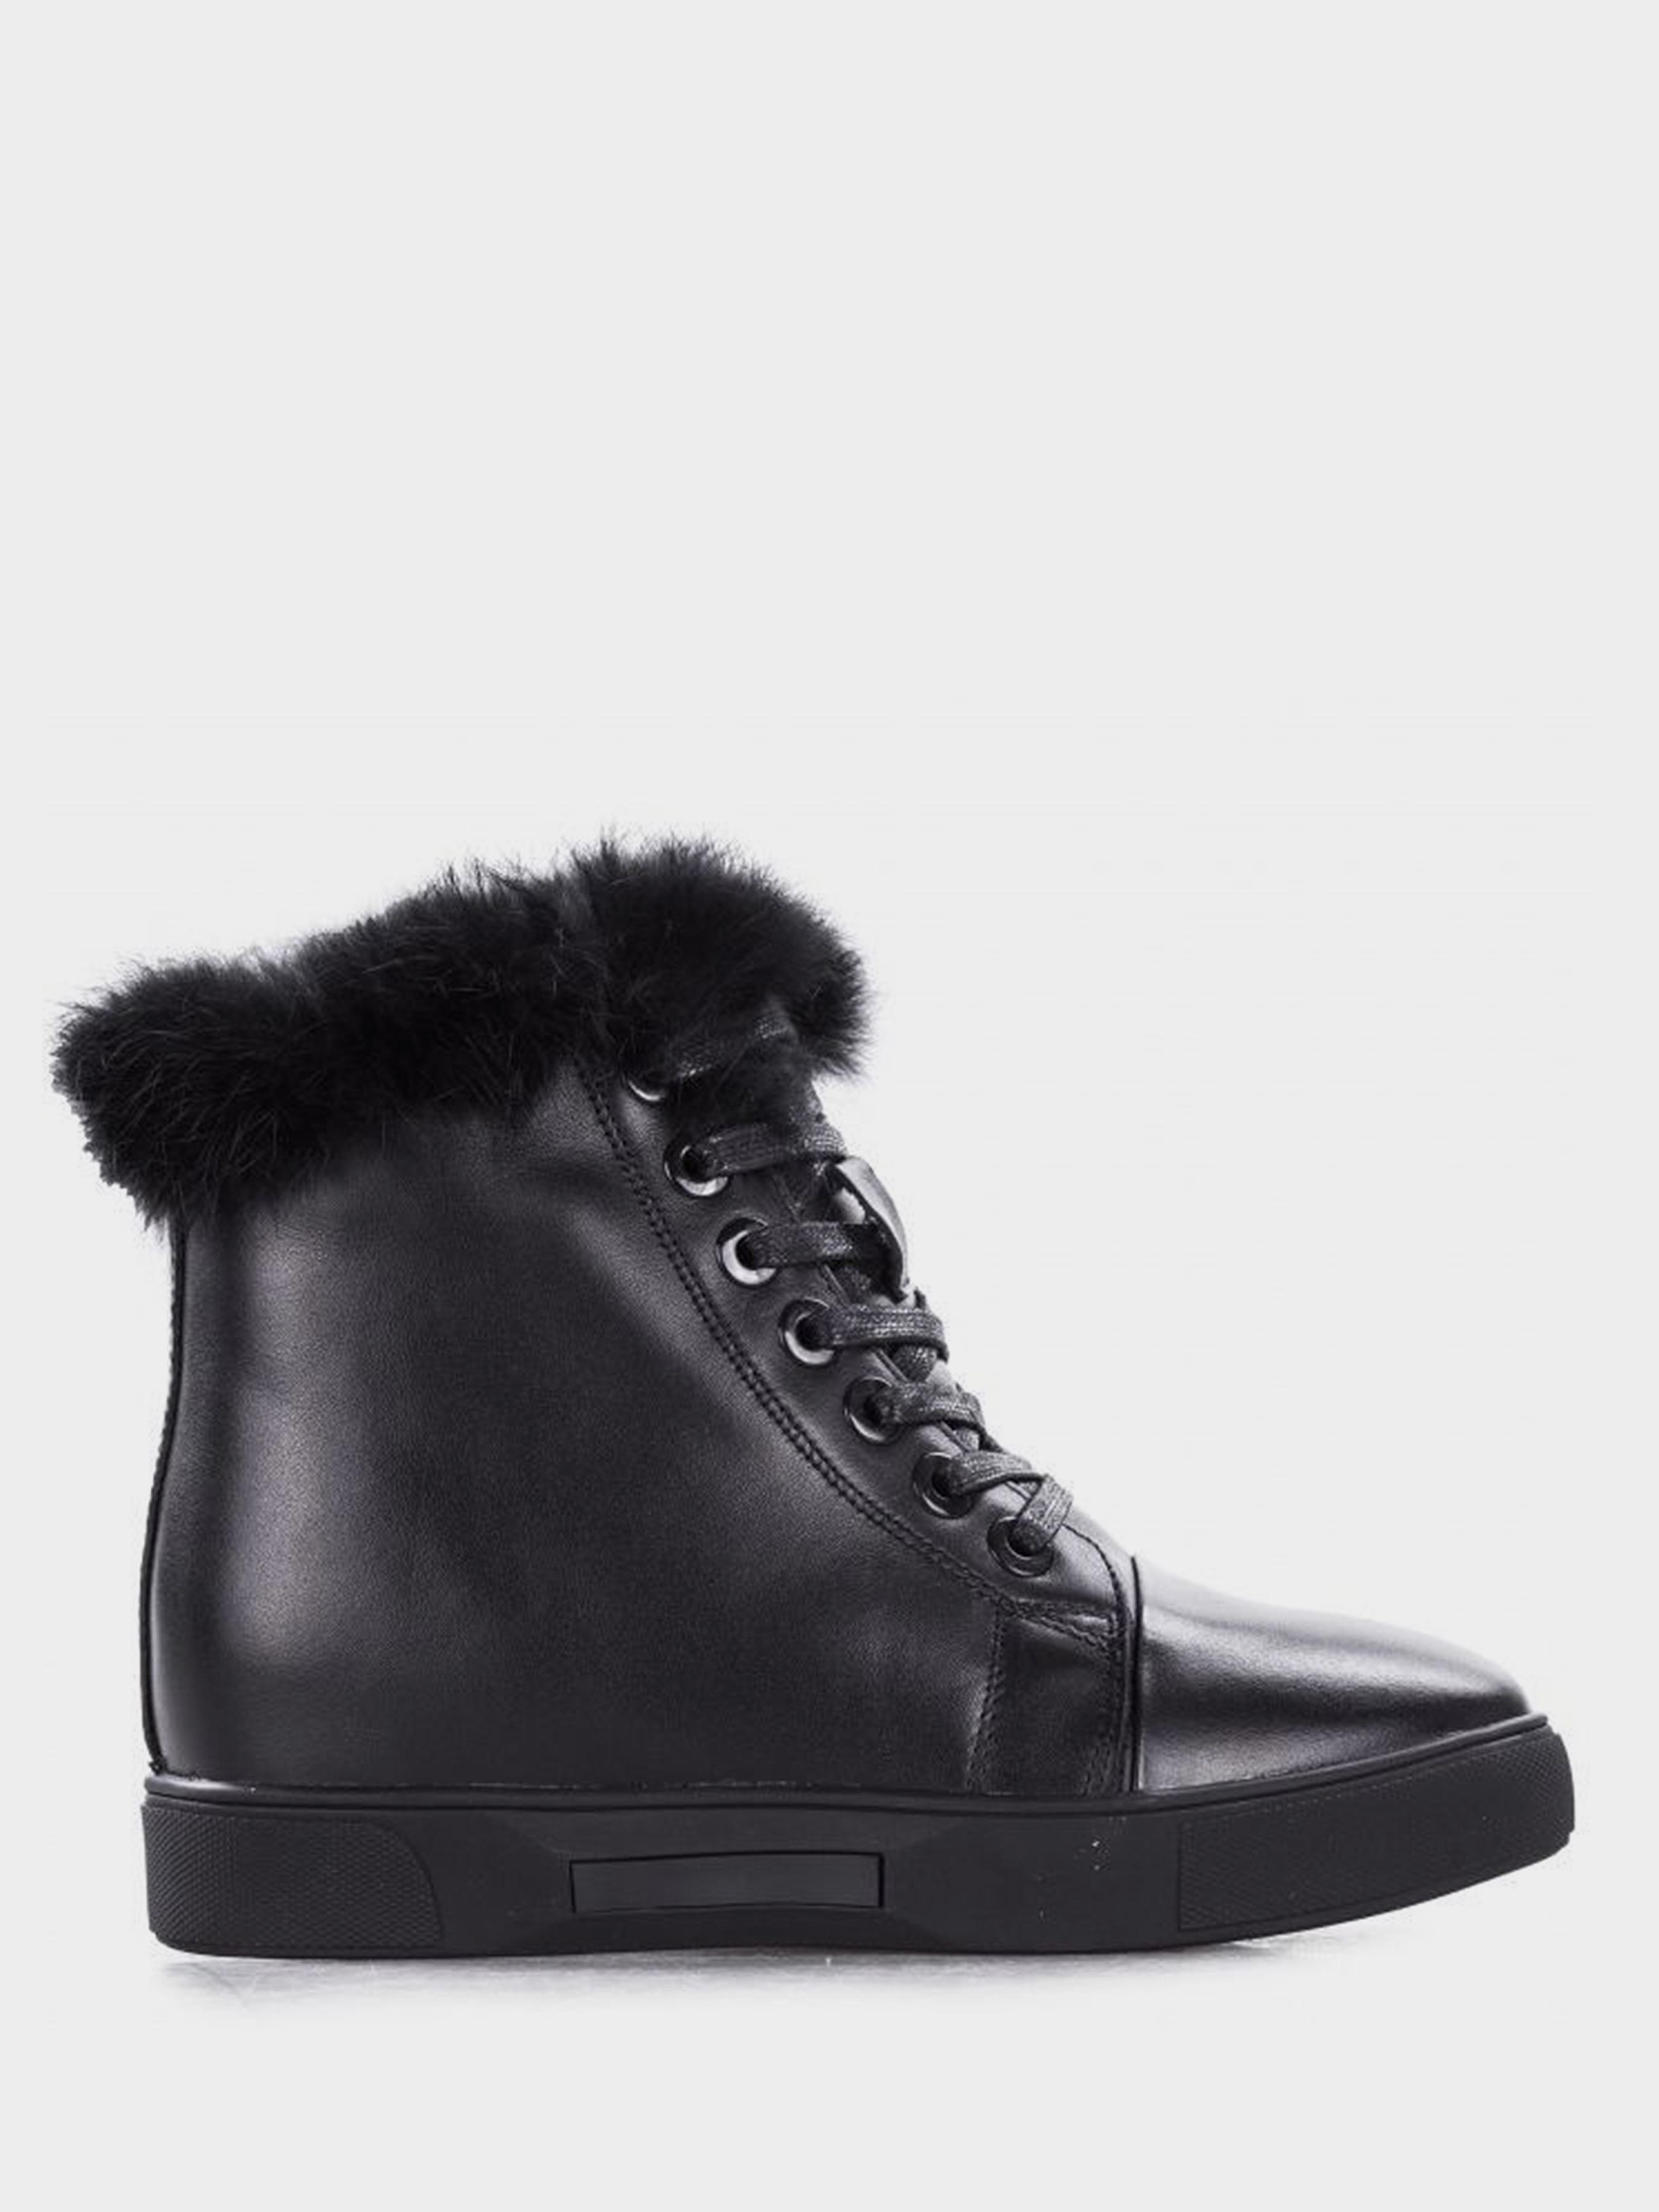 Купить Ботинки женские Braska BS2986, Черный